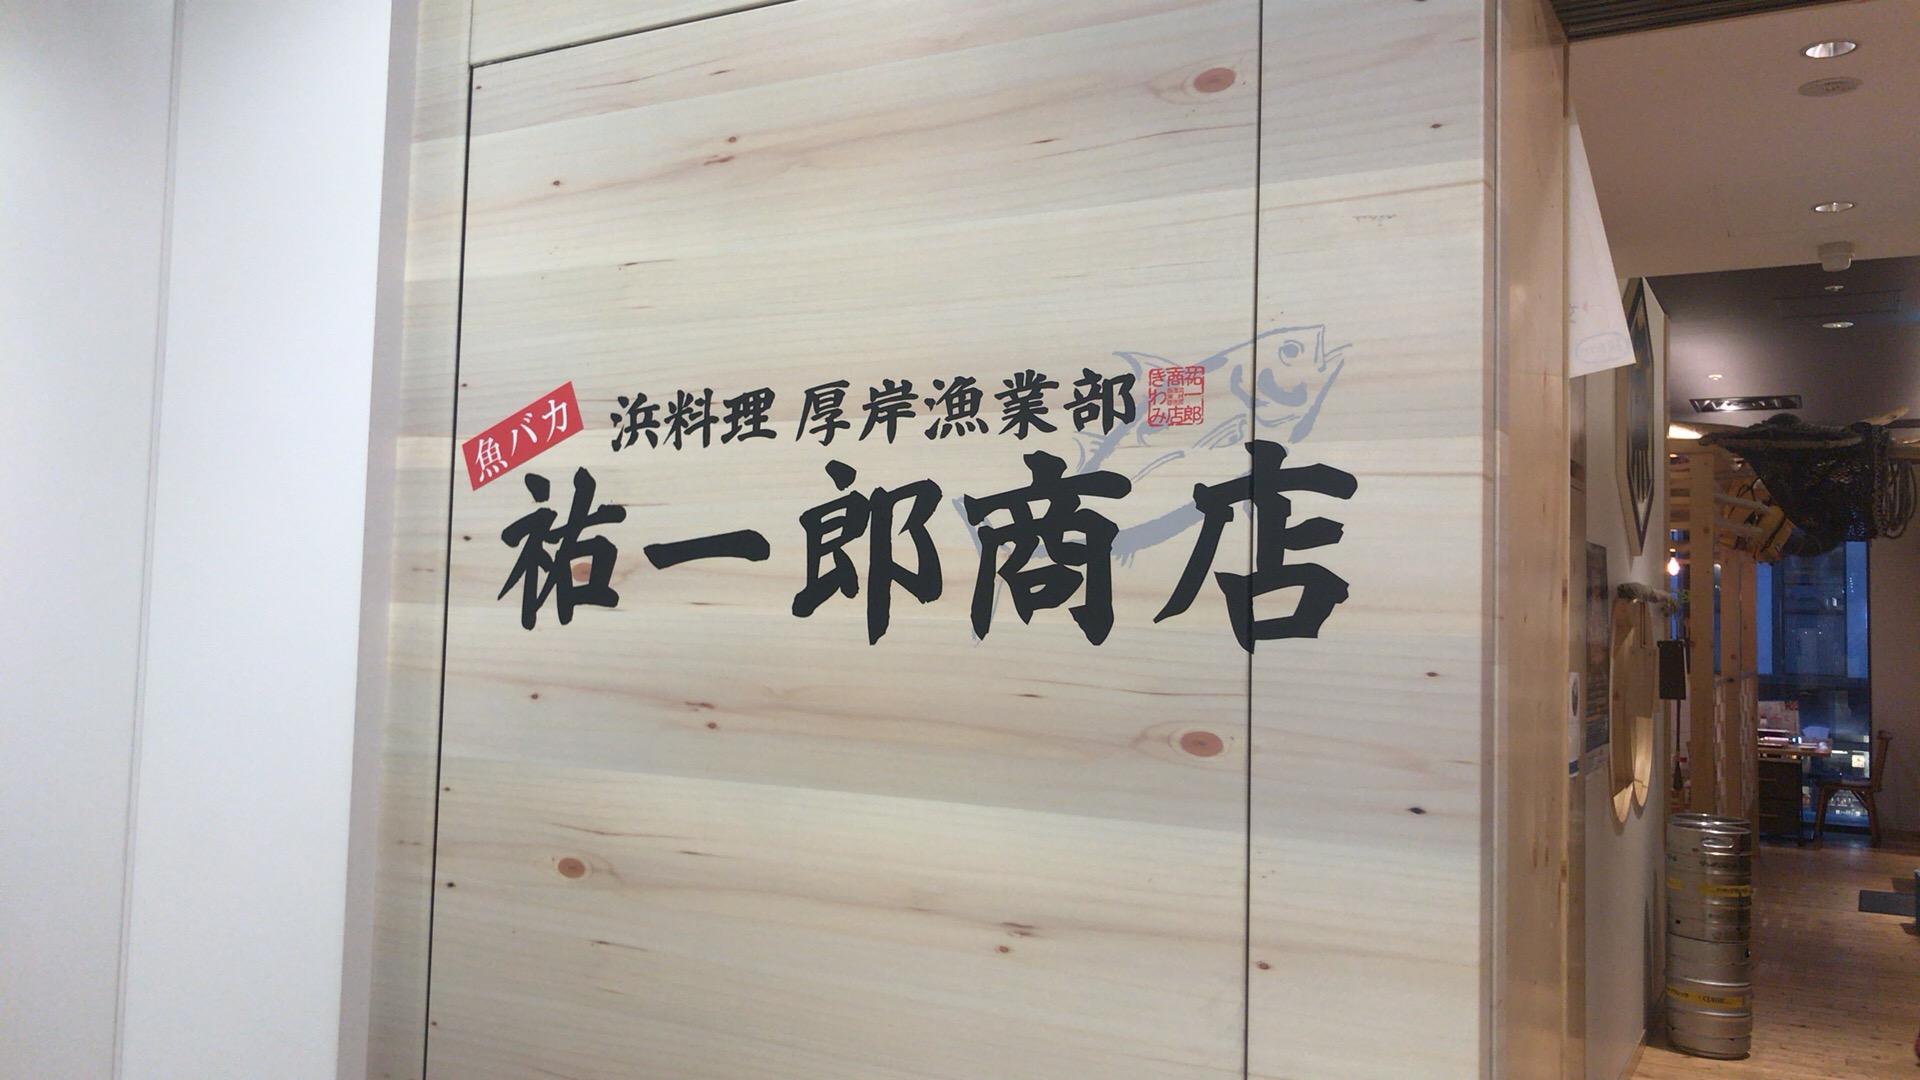 札幌・中央区 浜料理 厚岸漁業部 祐一郎商店 札幌駅前通り店